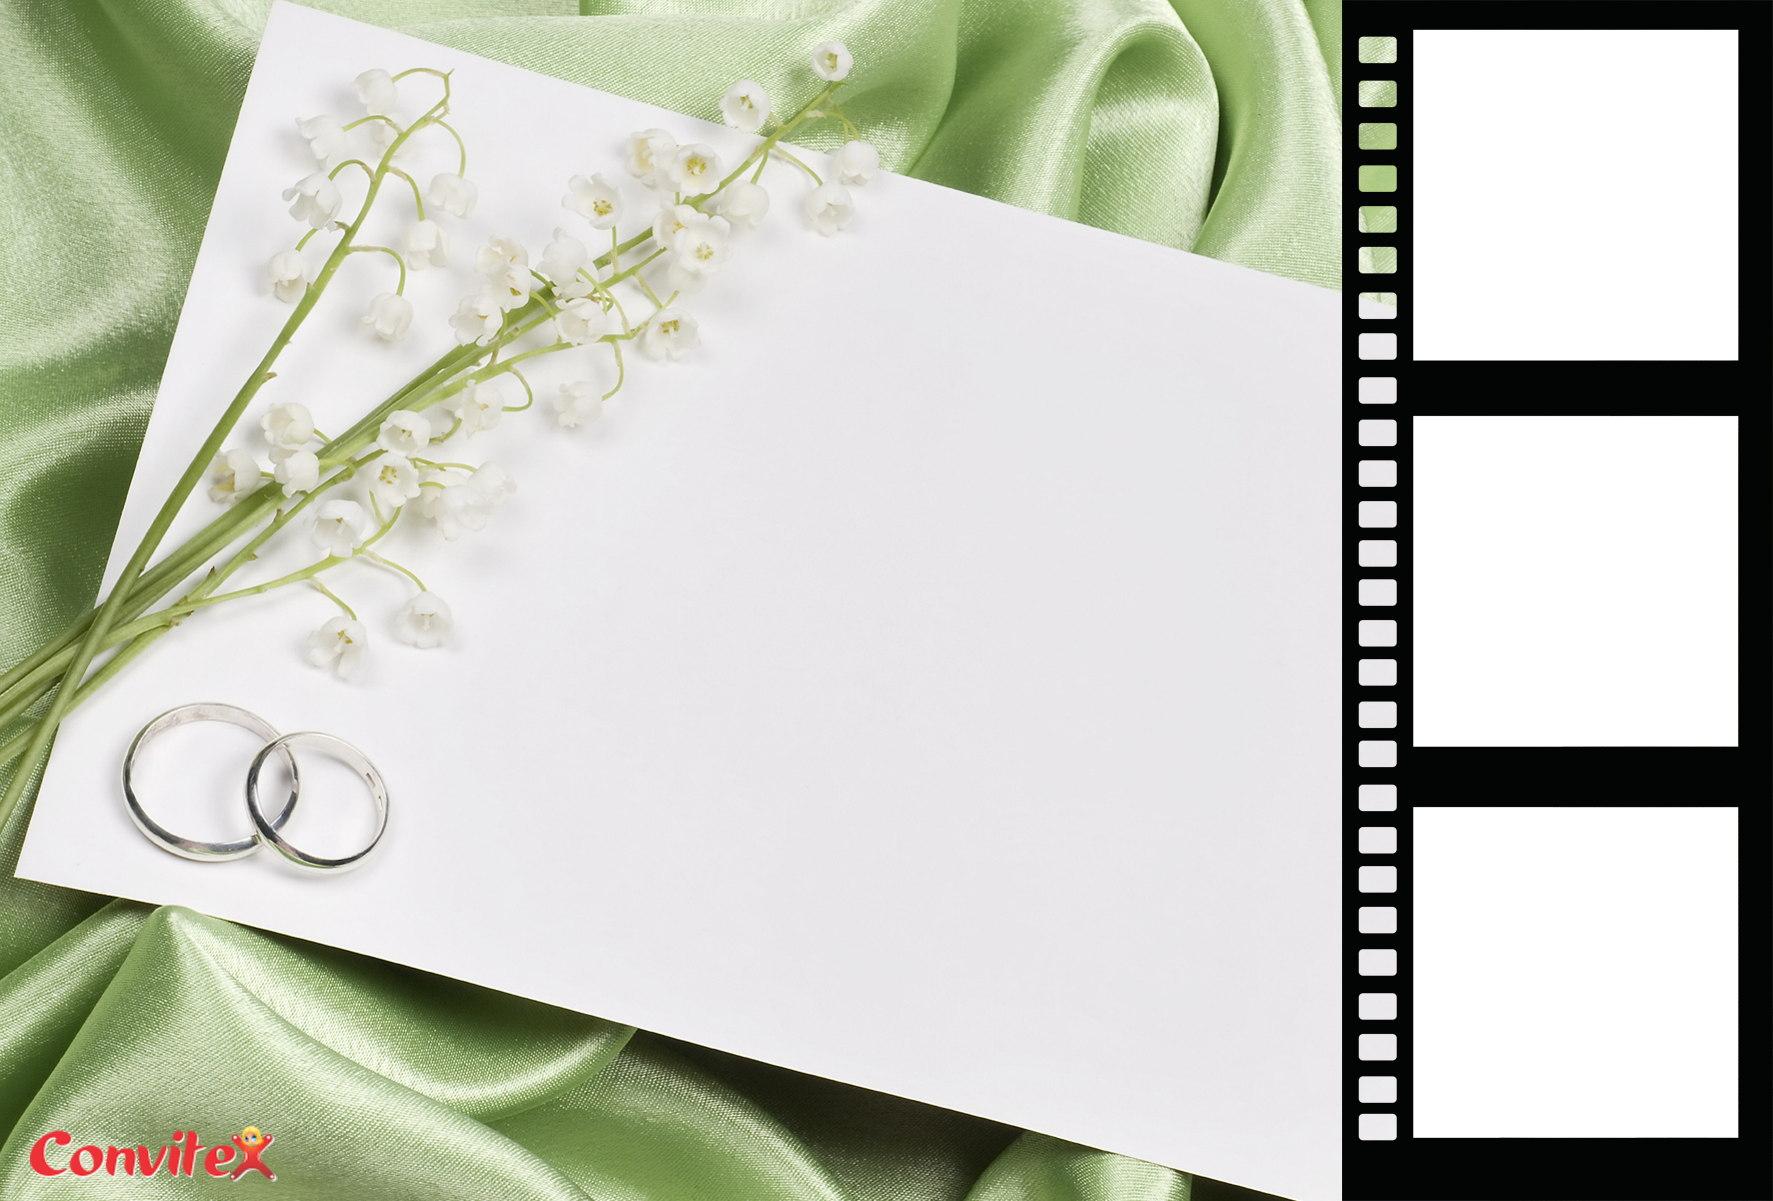 Veja 6 modelos lindos de molduras para convites de casamento grátis